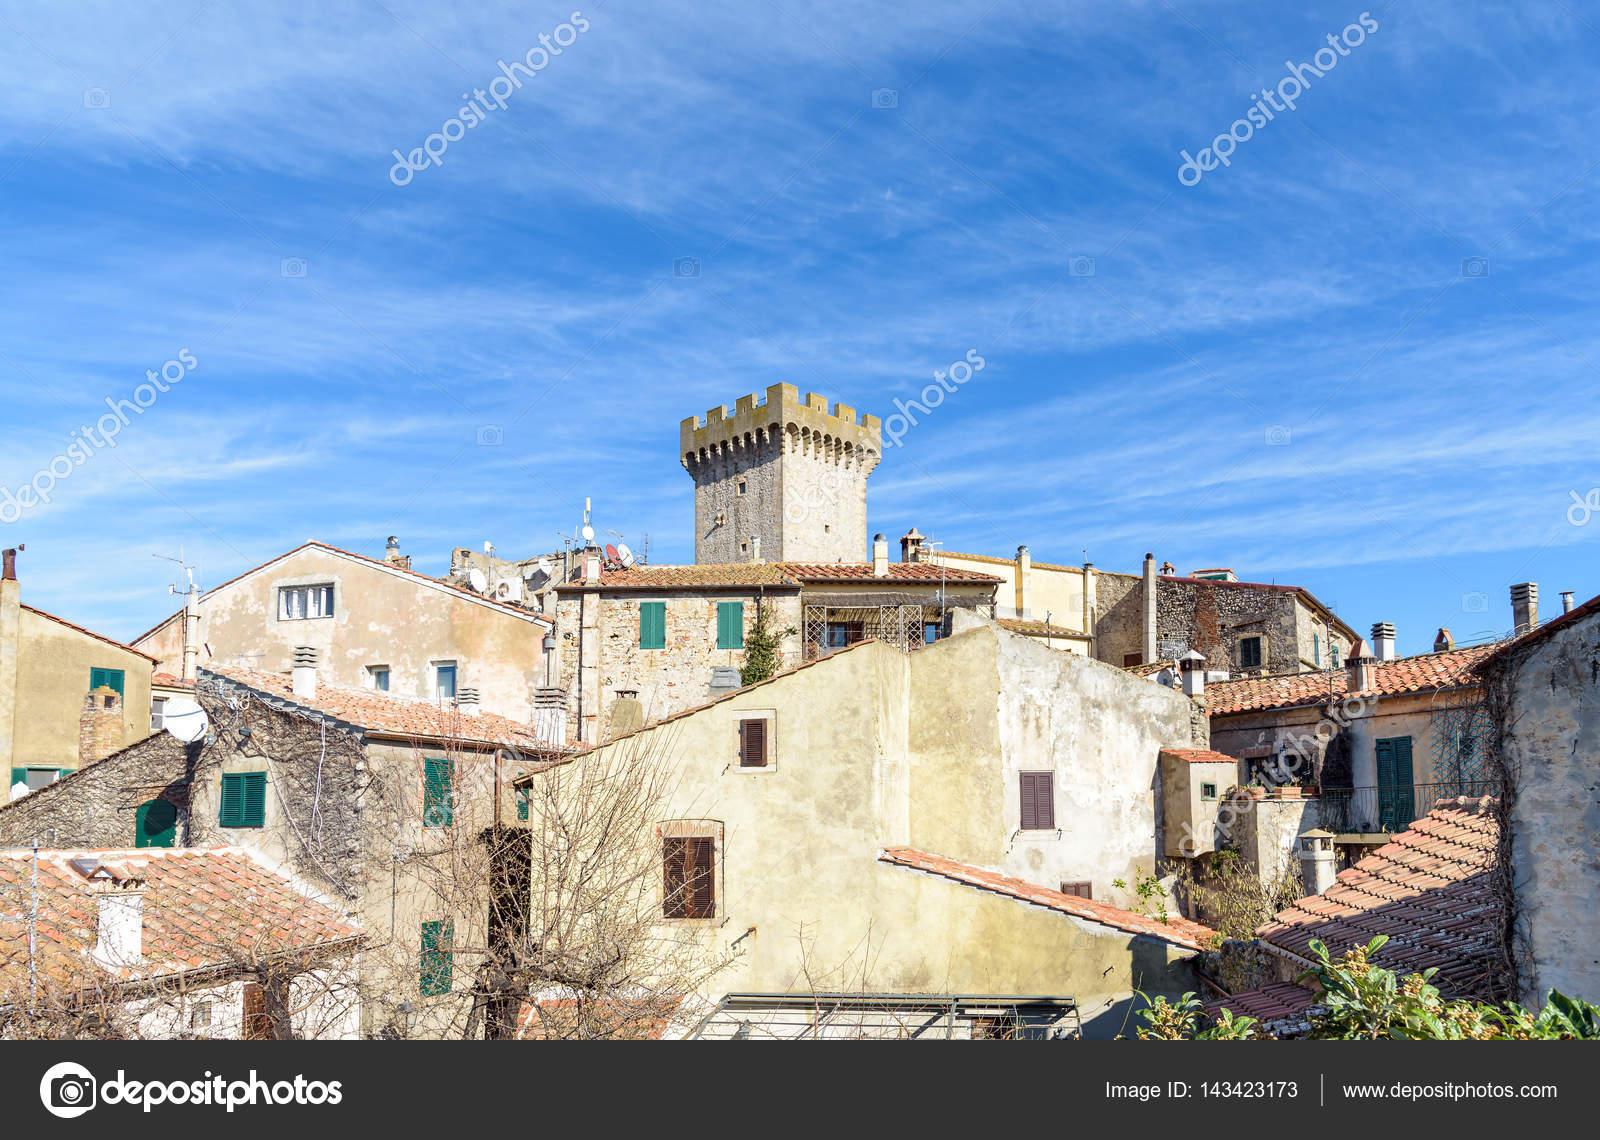 Capalbio provincia di grosseto toscana italia foto - Dimensione casa grosseto ...